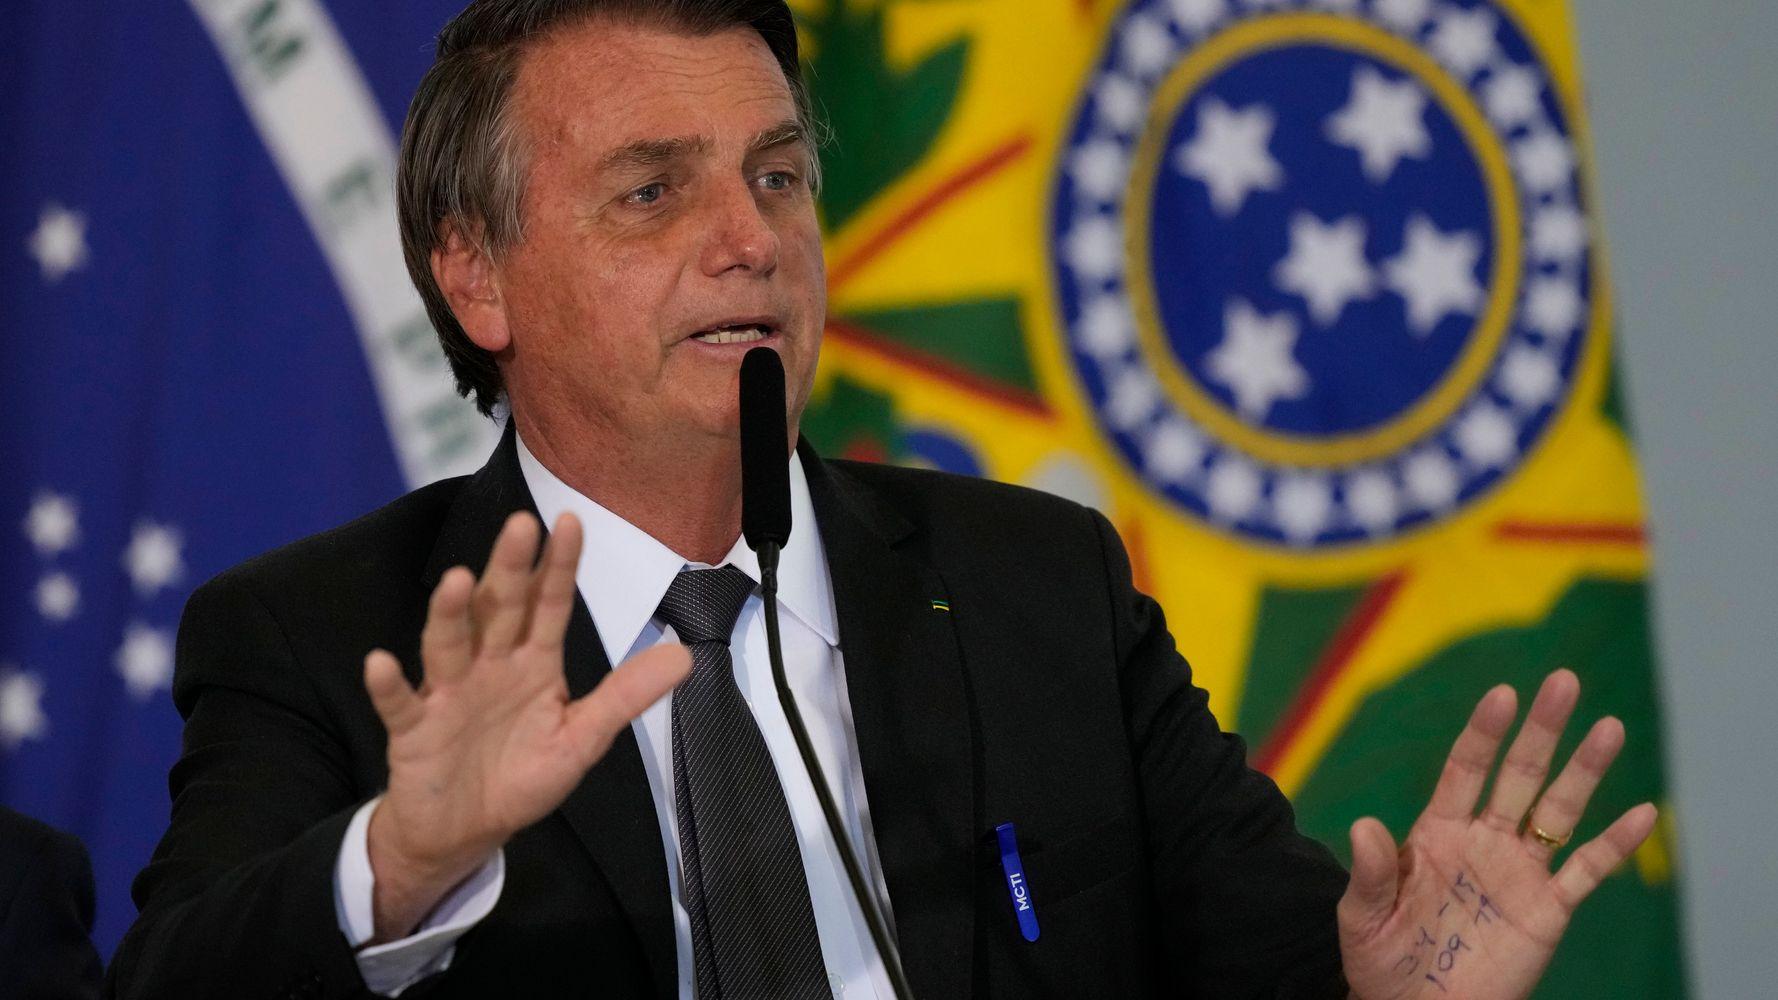 Tổng thống Brazil Jair Bolsonaro khả năng cao sẽ tiến hành cuộc phẫu thuật khẩn cấp do tắc ruột.